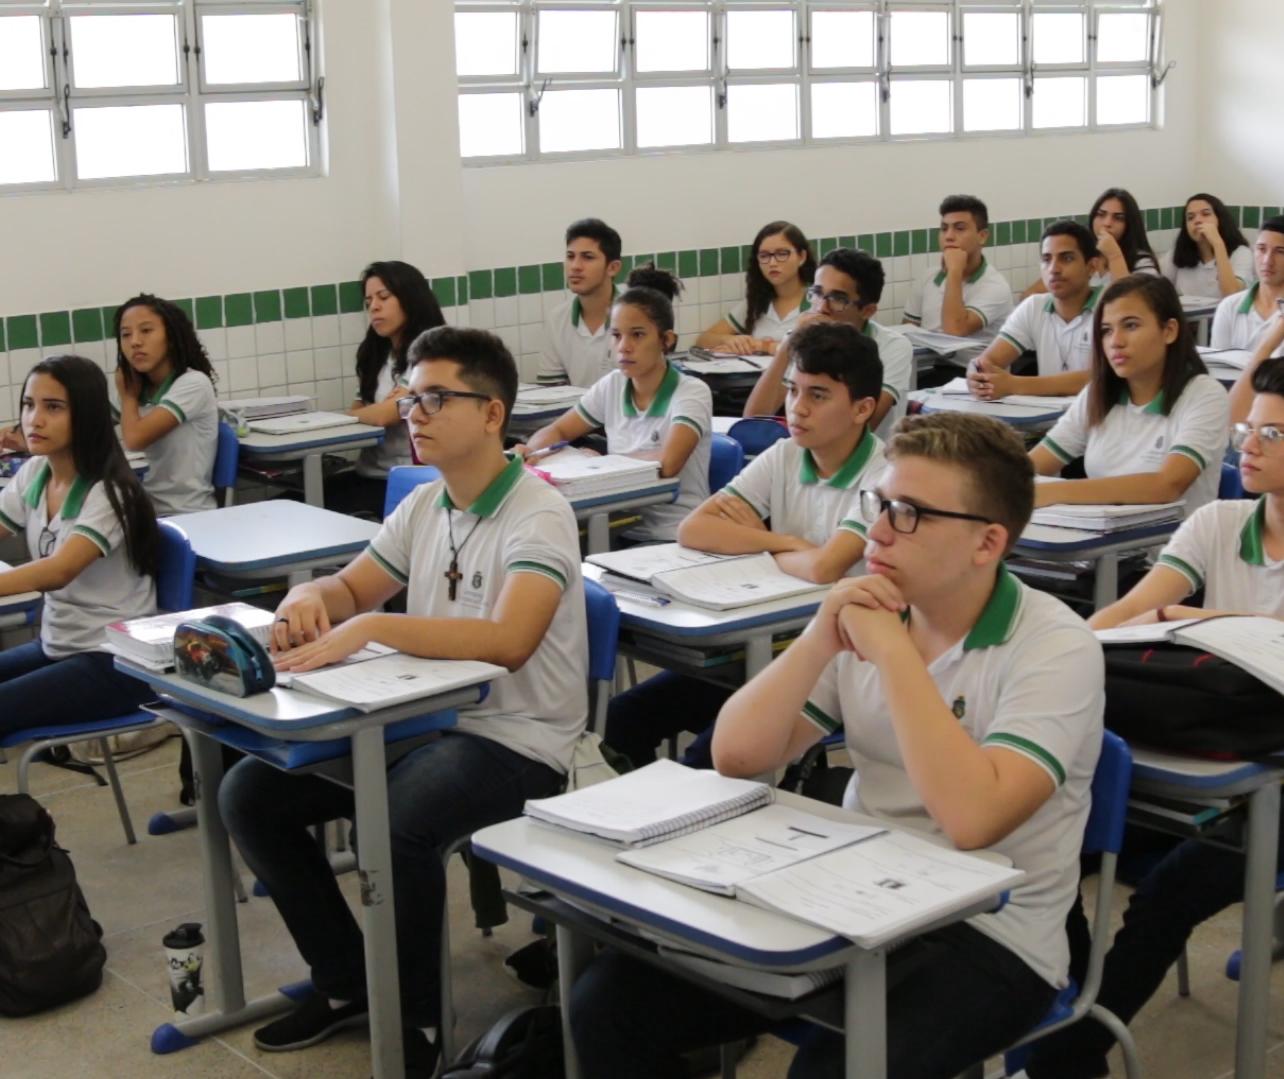 Educação profissional precisa estar presente no ensino médio